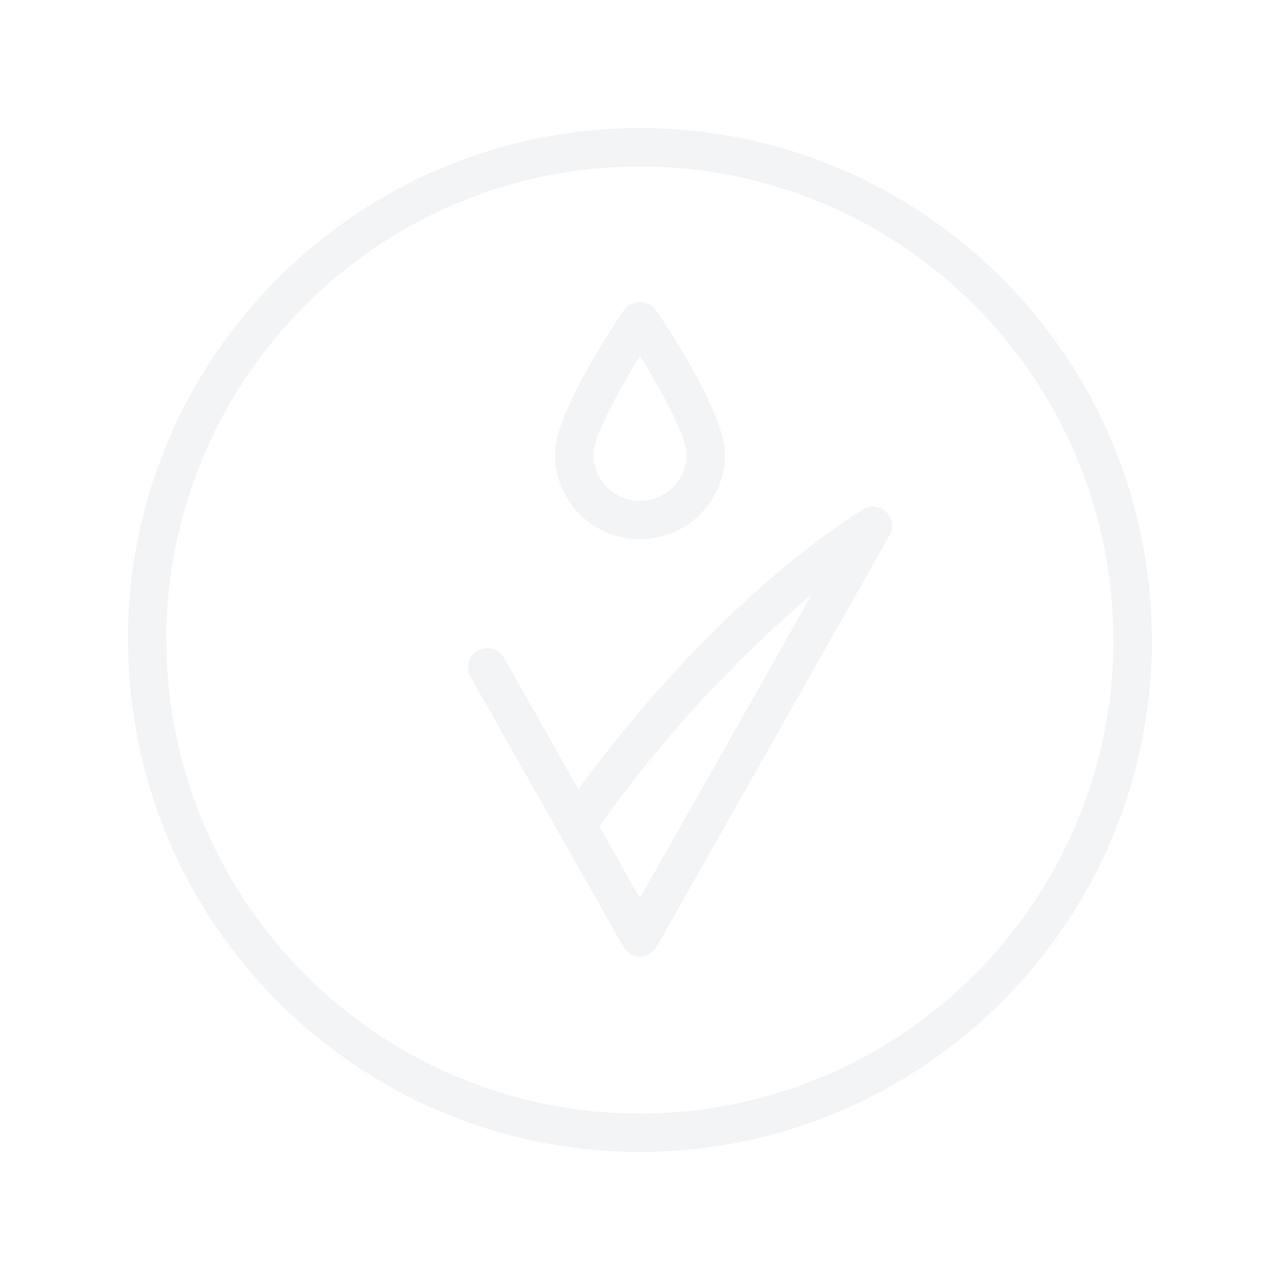 SIGNE SEEBID Felted Sheep's Milk Soap войлочное мыло с овечьим молоком